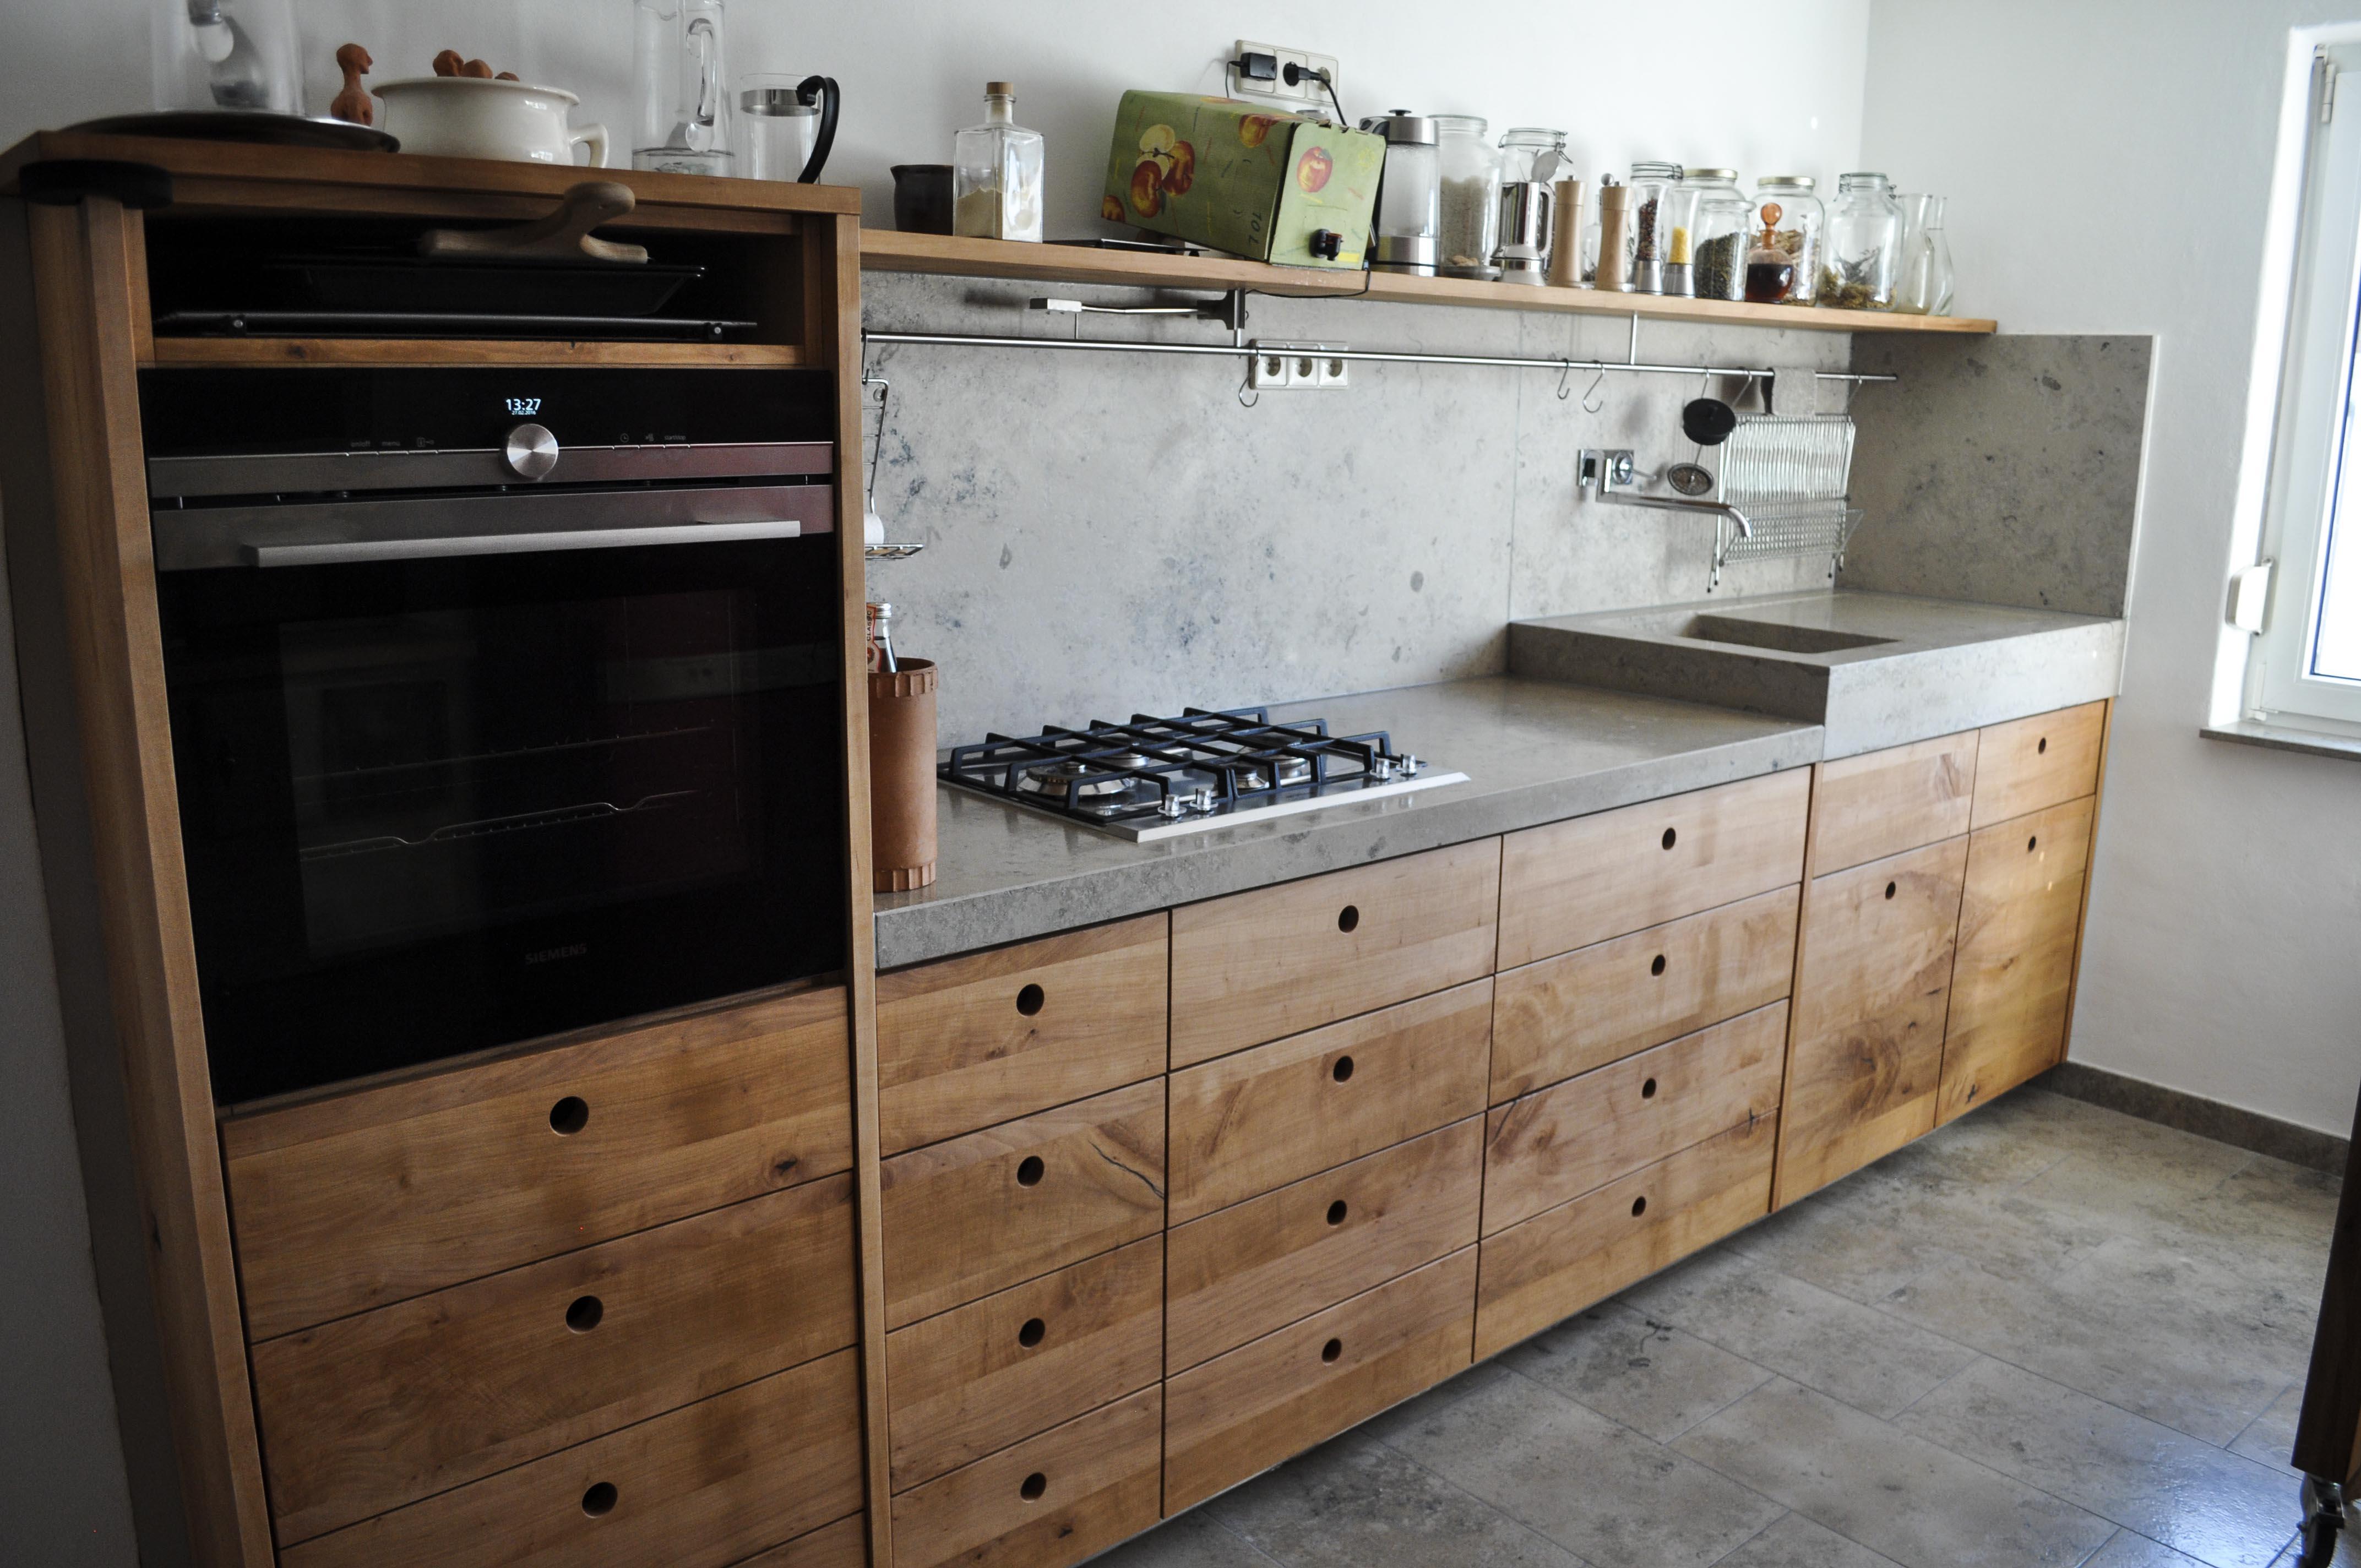 Küche - möbelwerkstatt patrik drath